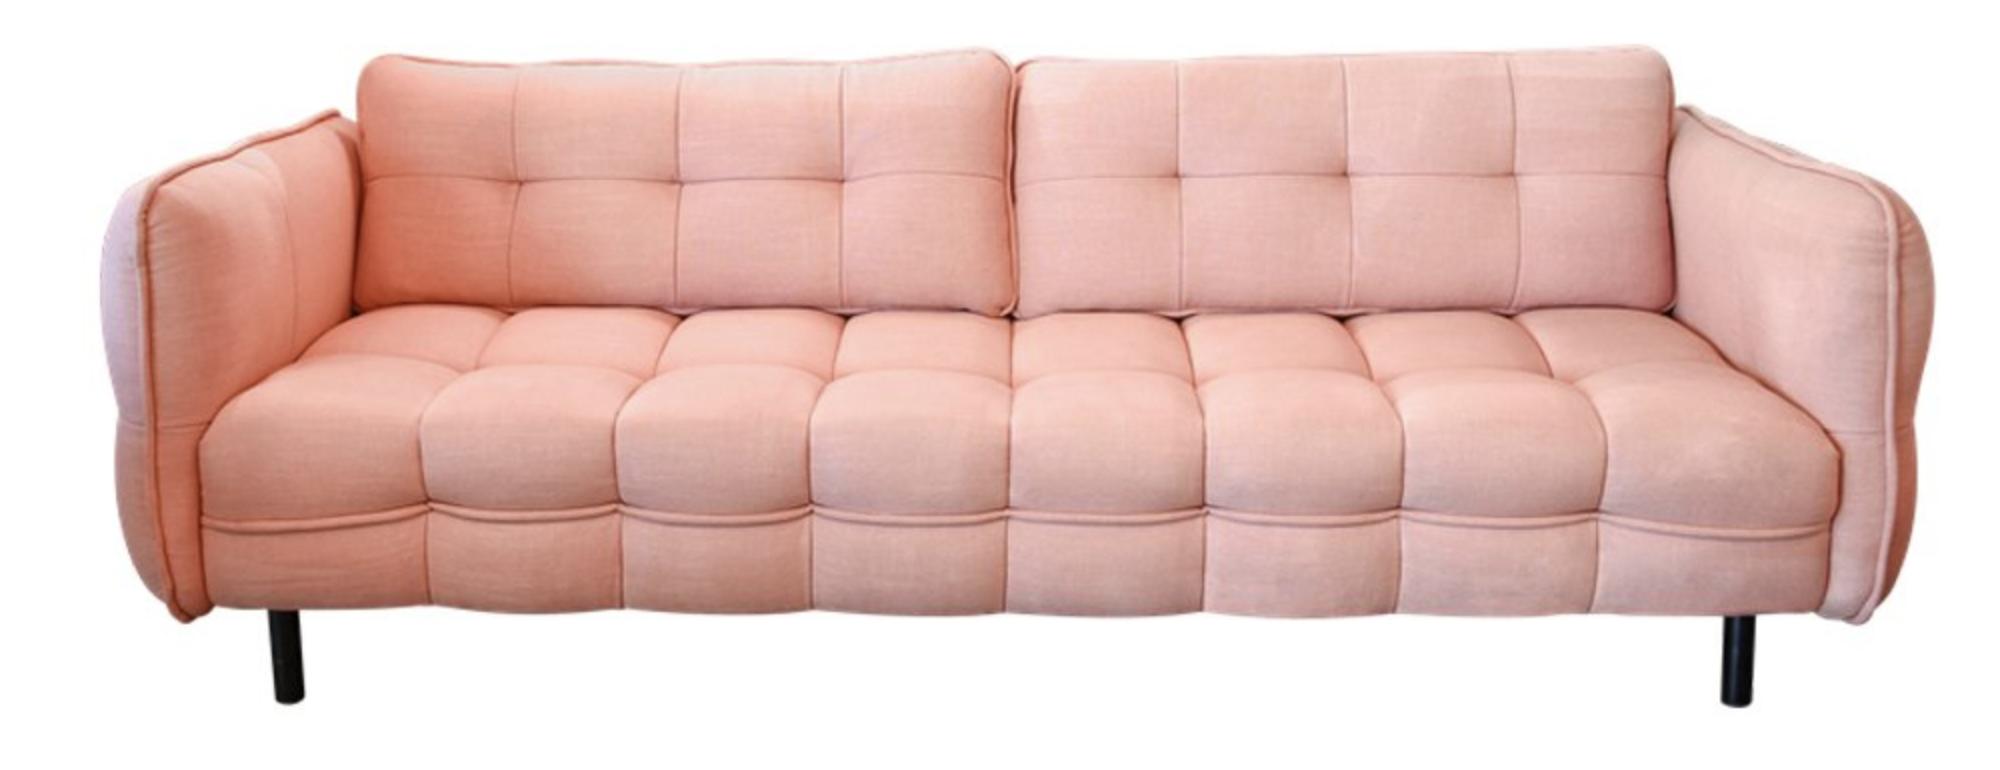 Pink Bubble Sofa - Nathan + Jac